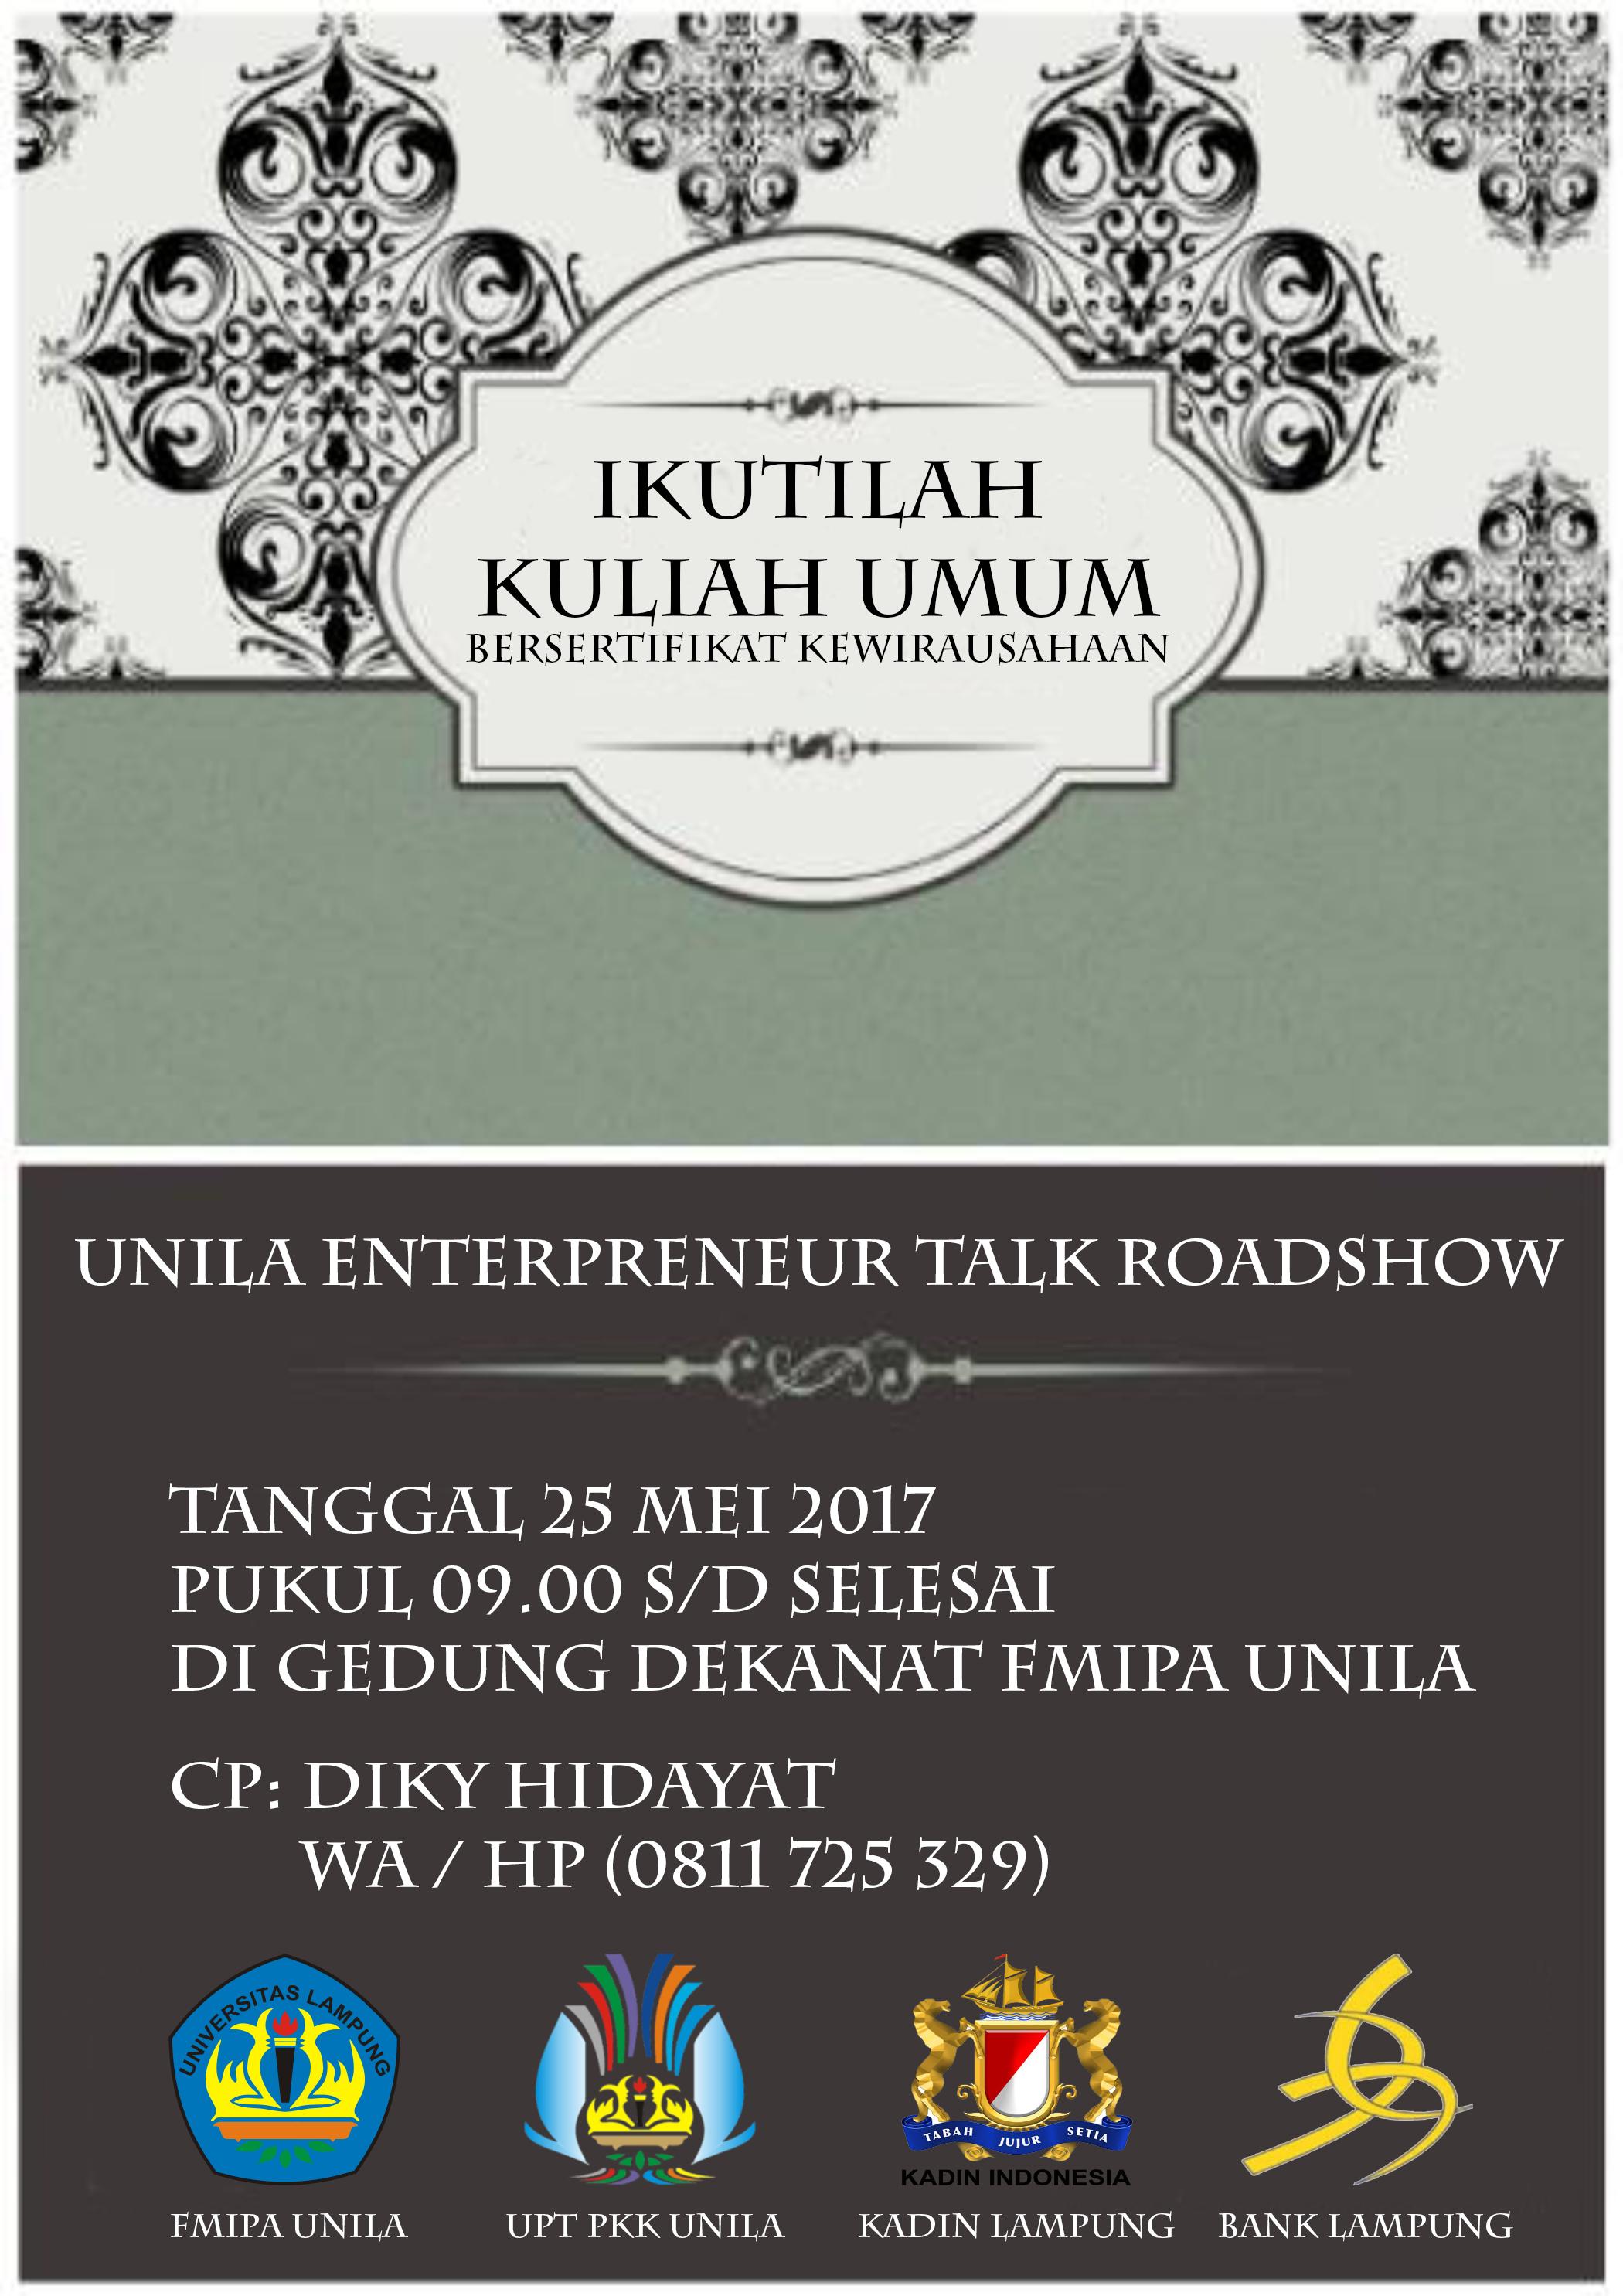 unila-enterpreneur-talk-roadshow